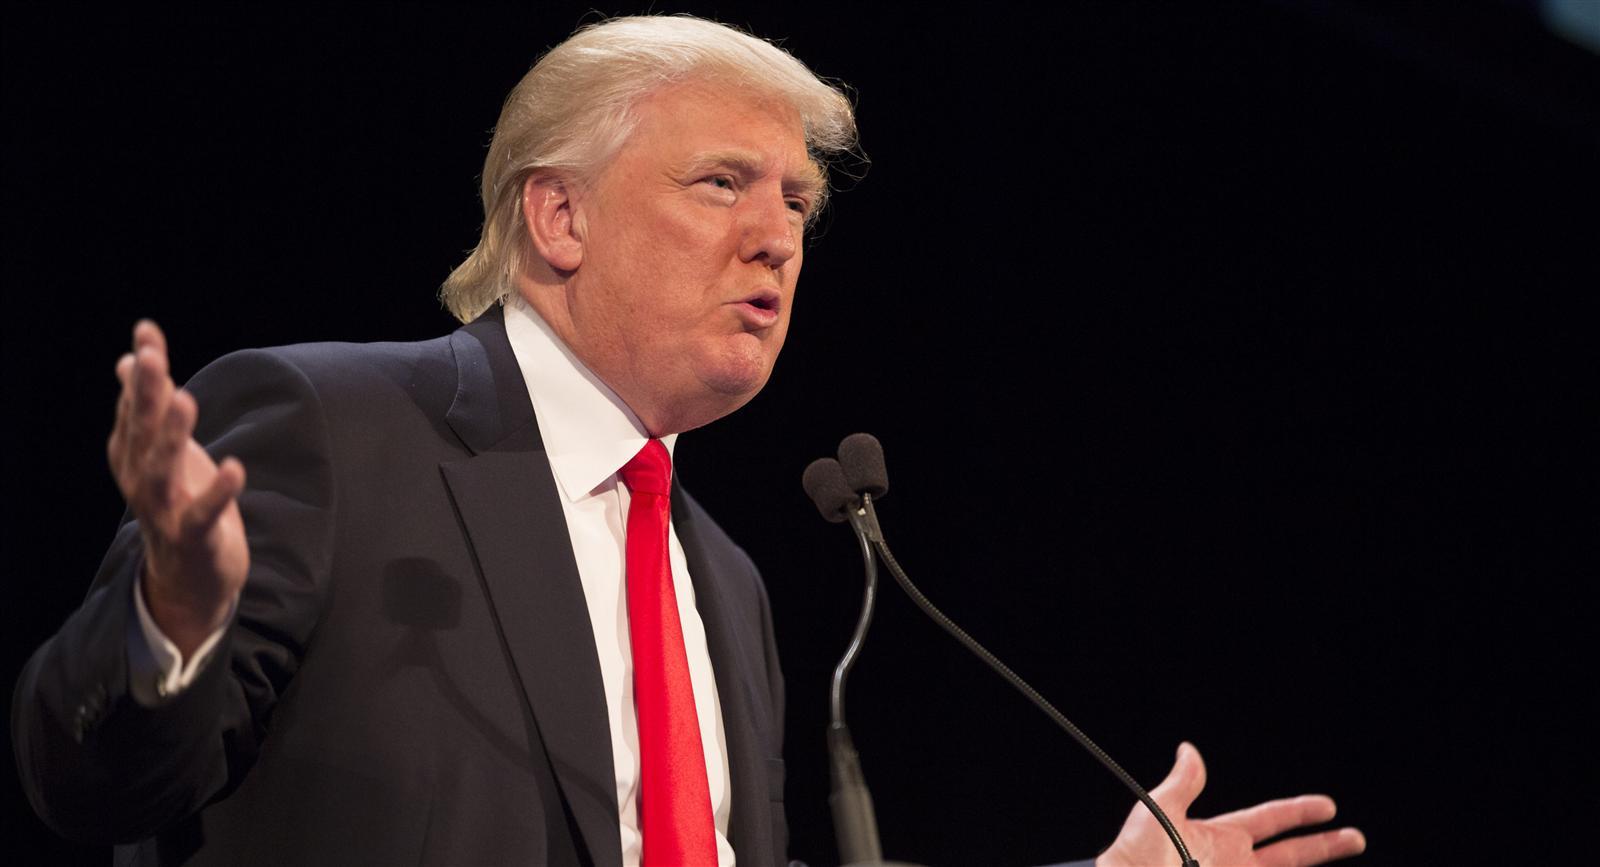 تنصيب ترامب.... مَن هم أبرز المقاطعين للحفل؟